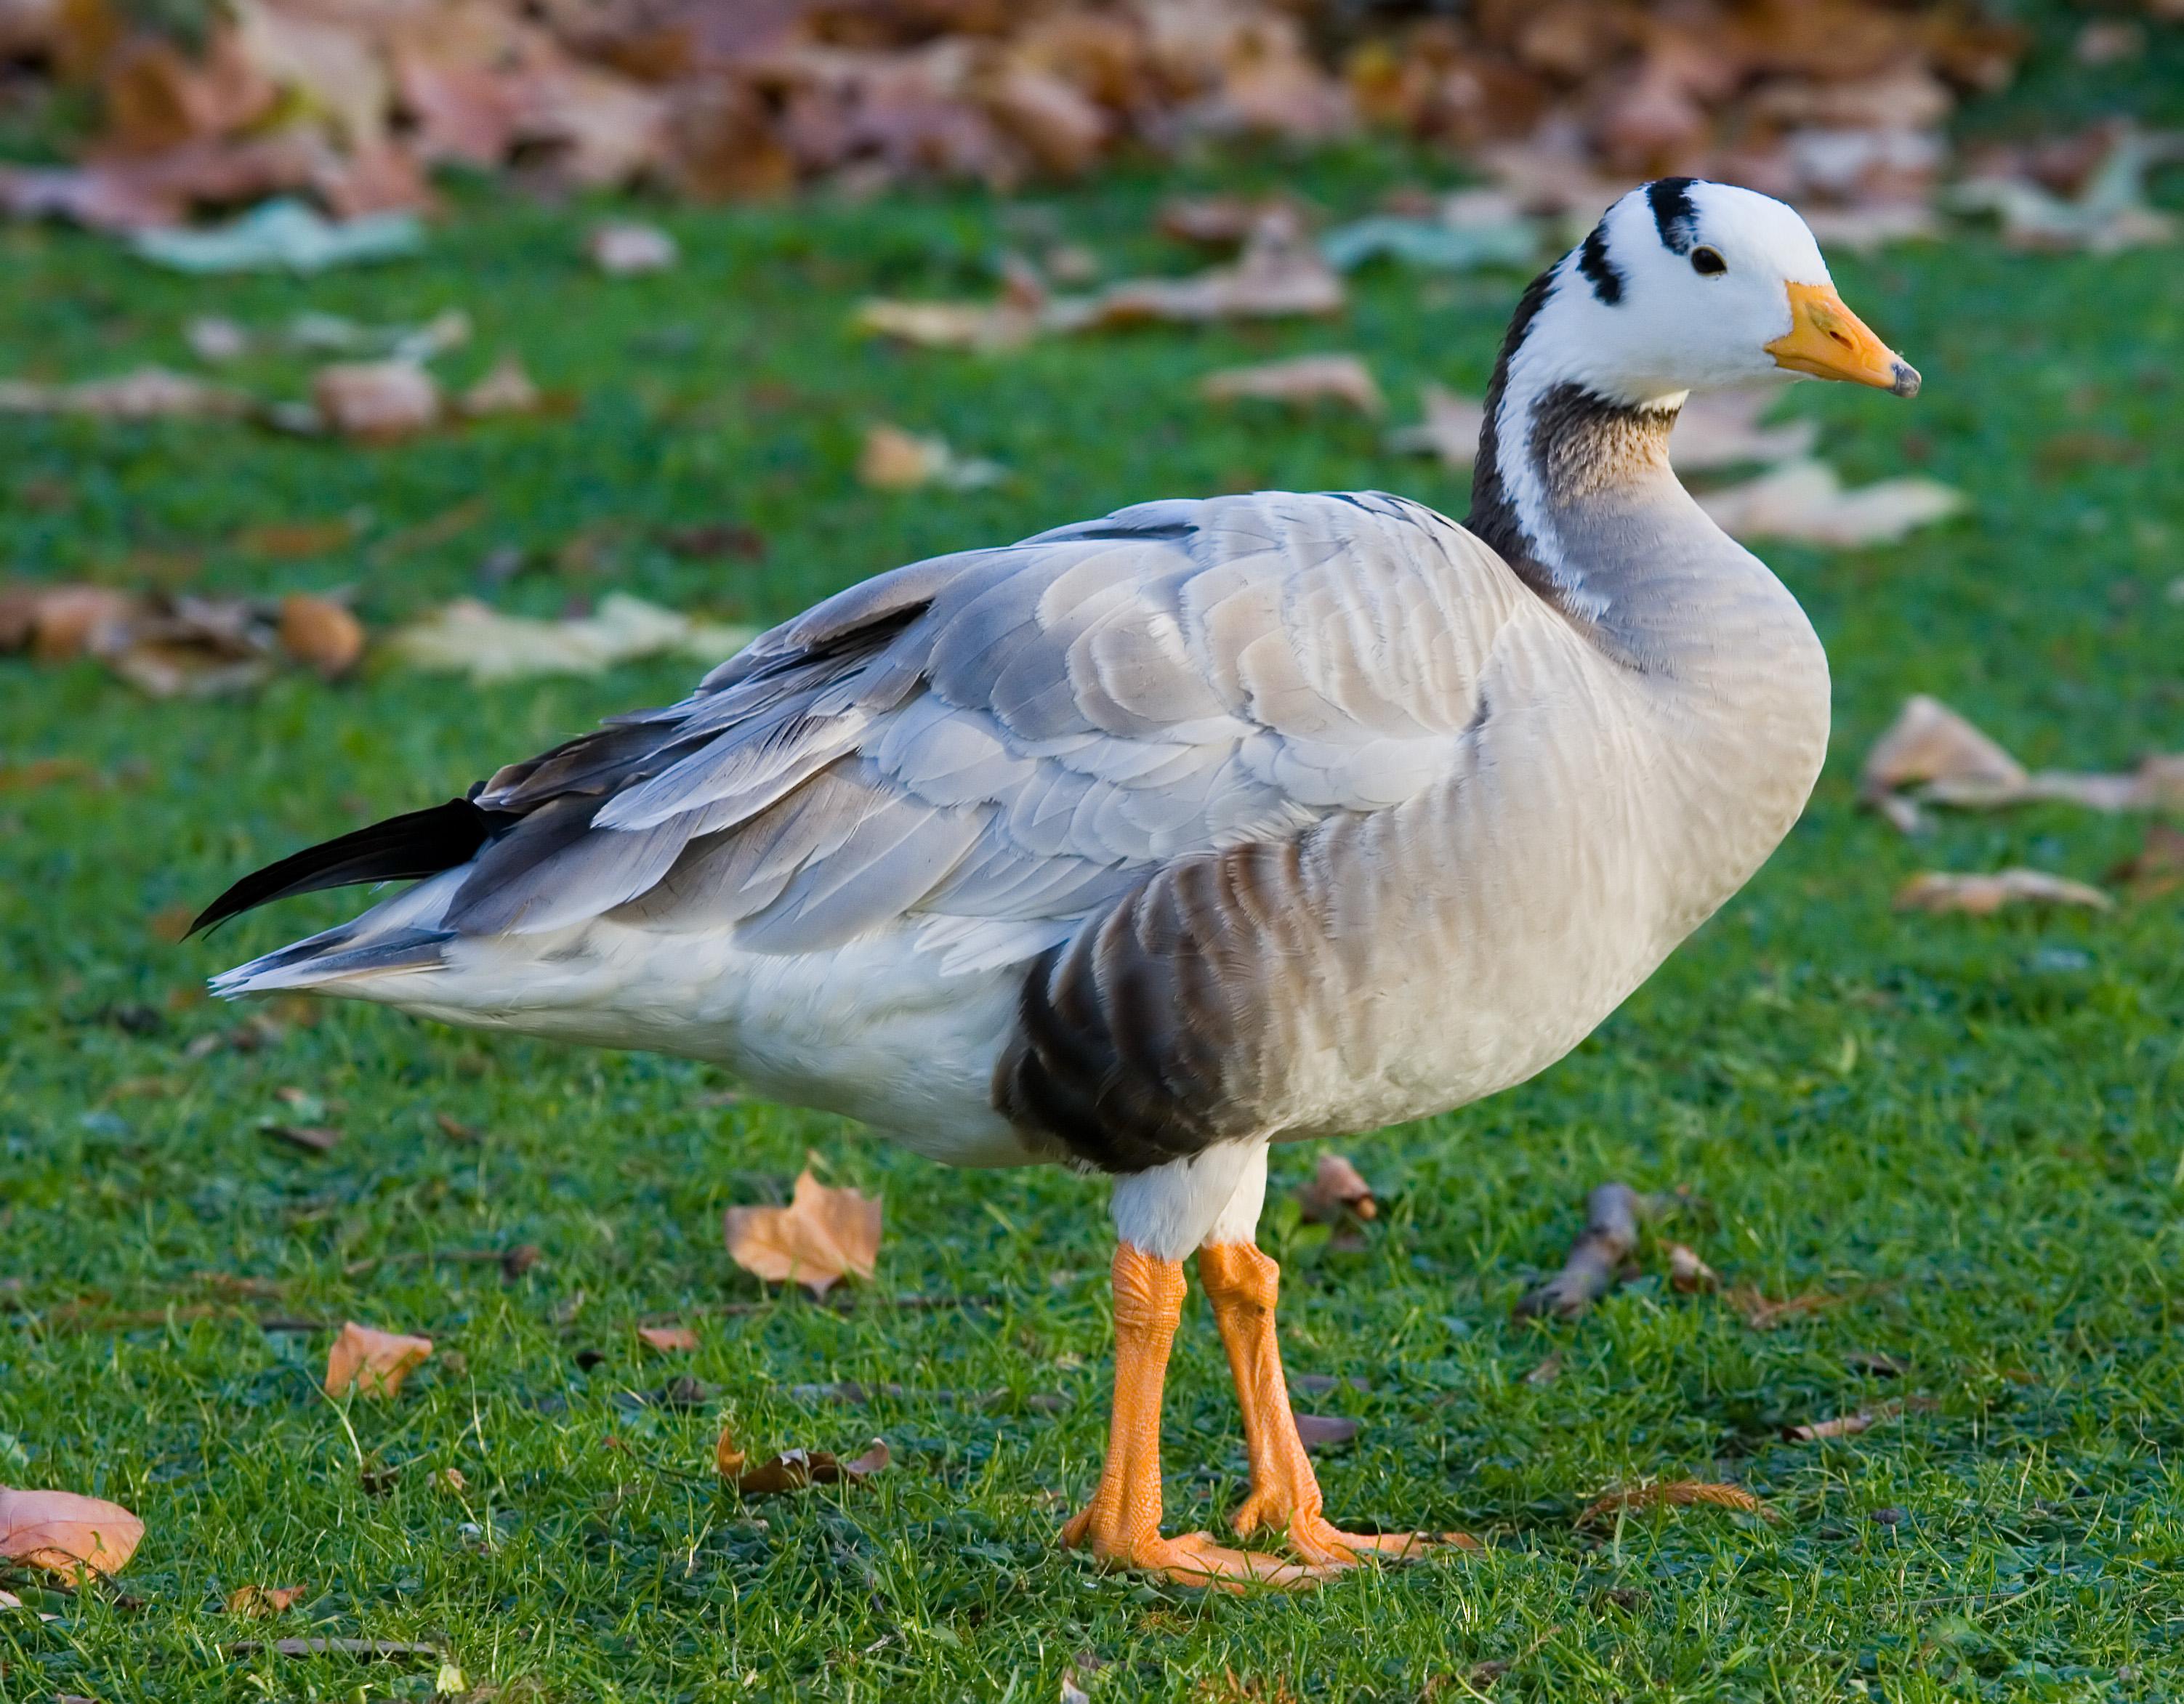 ФОТО. spravka.nowyny.eu.  Горные гуси - это самые высоко летающие птицы.